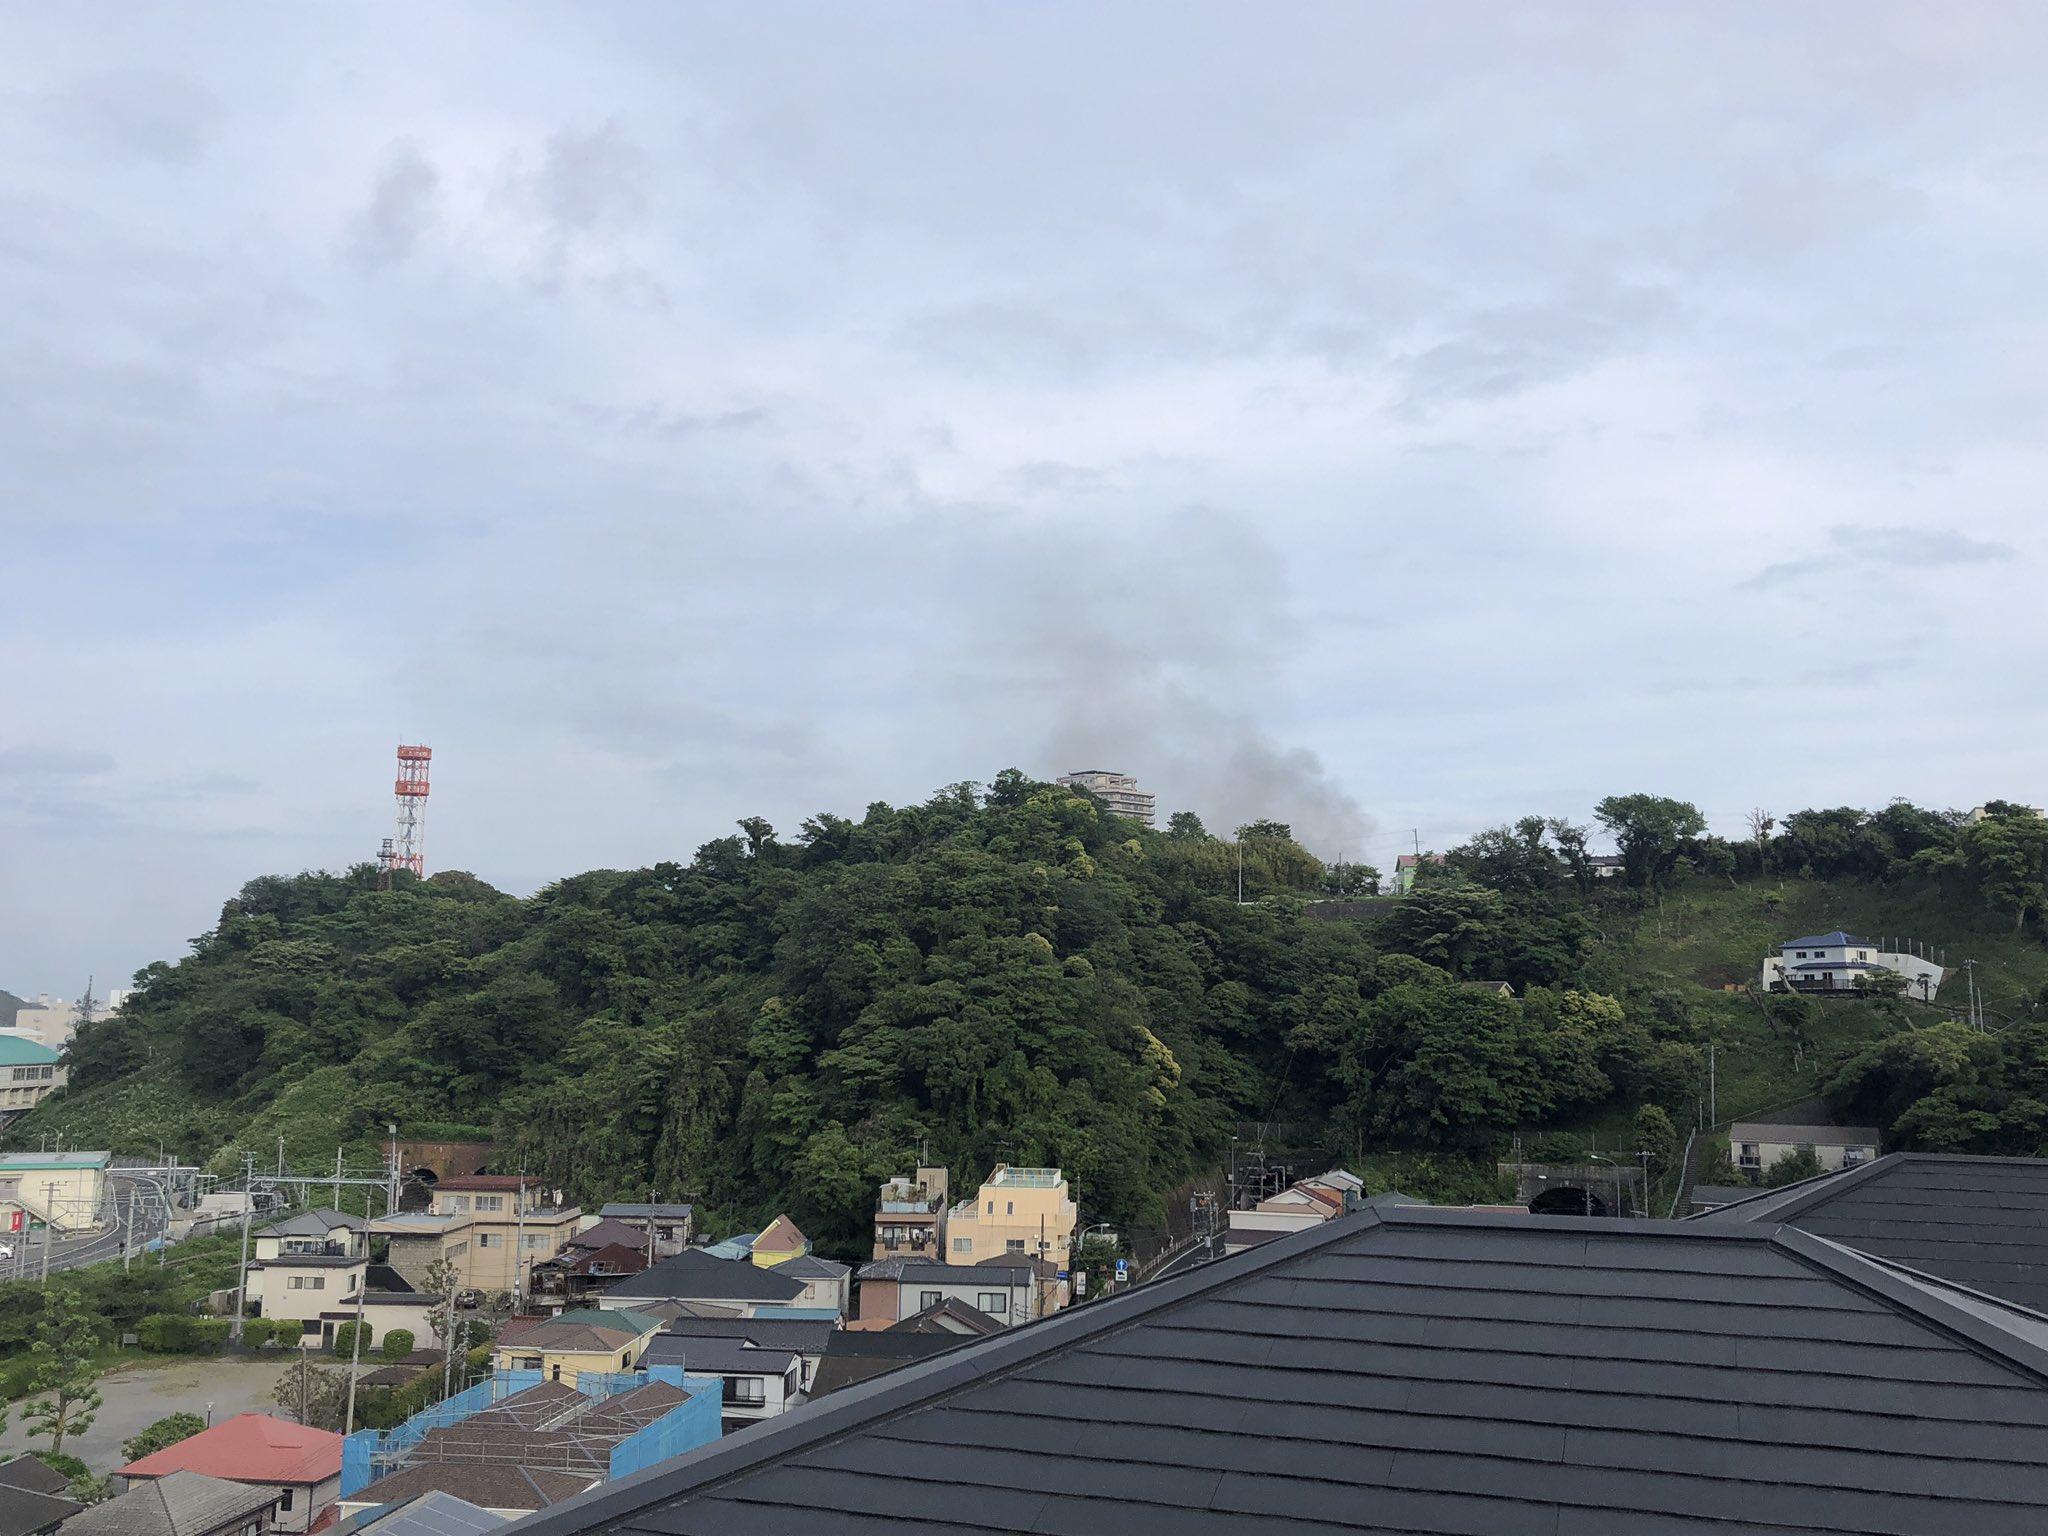 画像,#横須賀JR横須賀の汐入の間で火事の模様 https://t.co/JGvTwtnFz6。